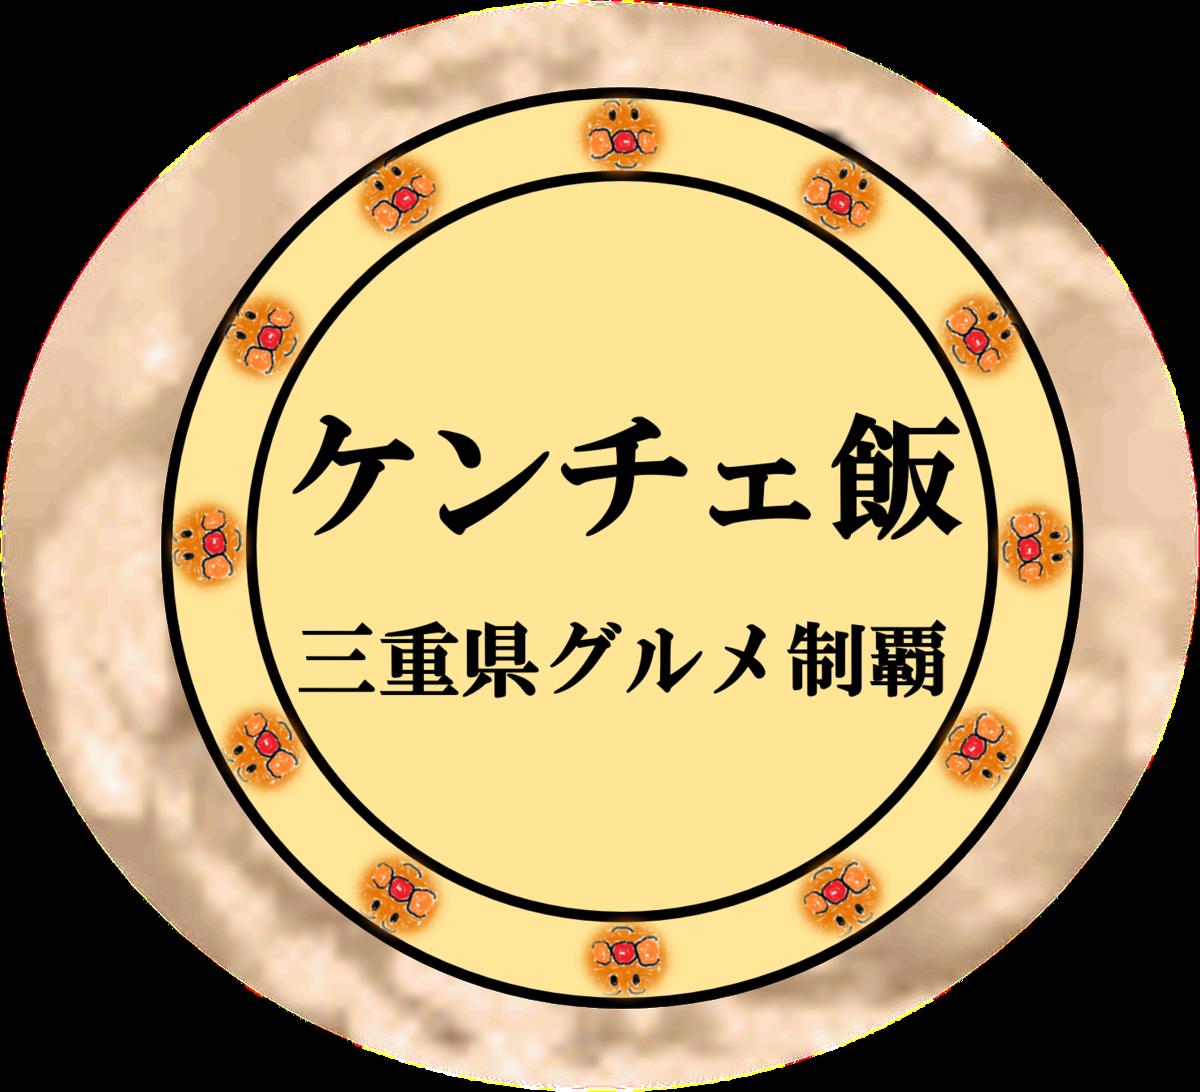 f:id:ken_chan_bike:20201028213819p:plain